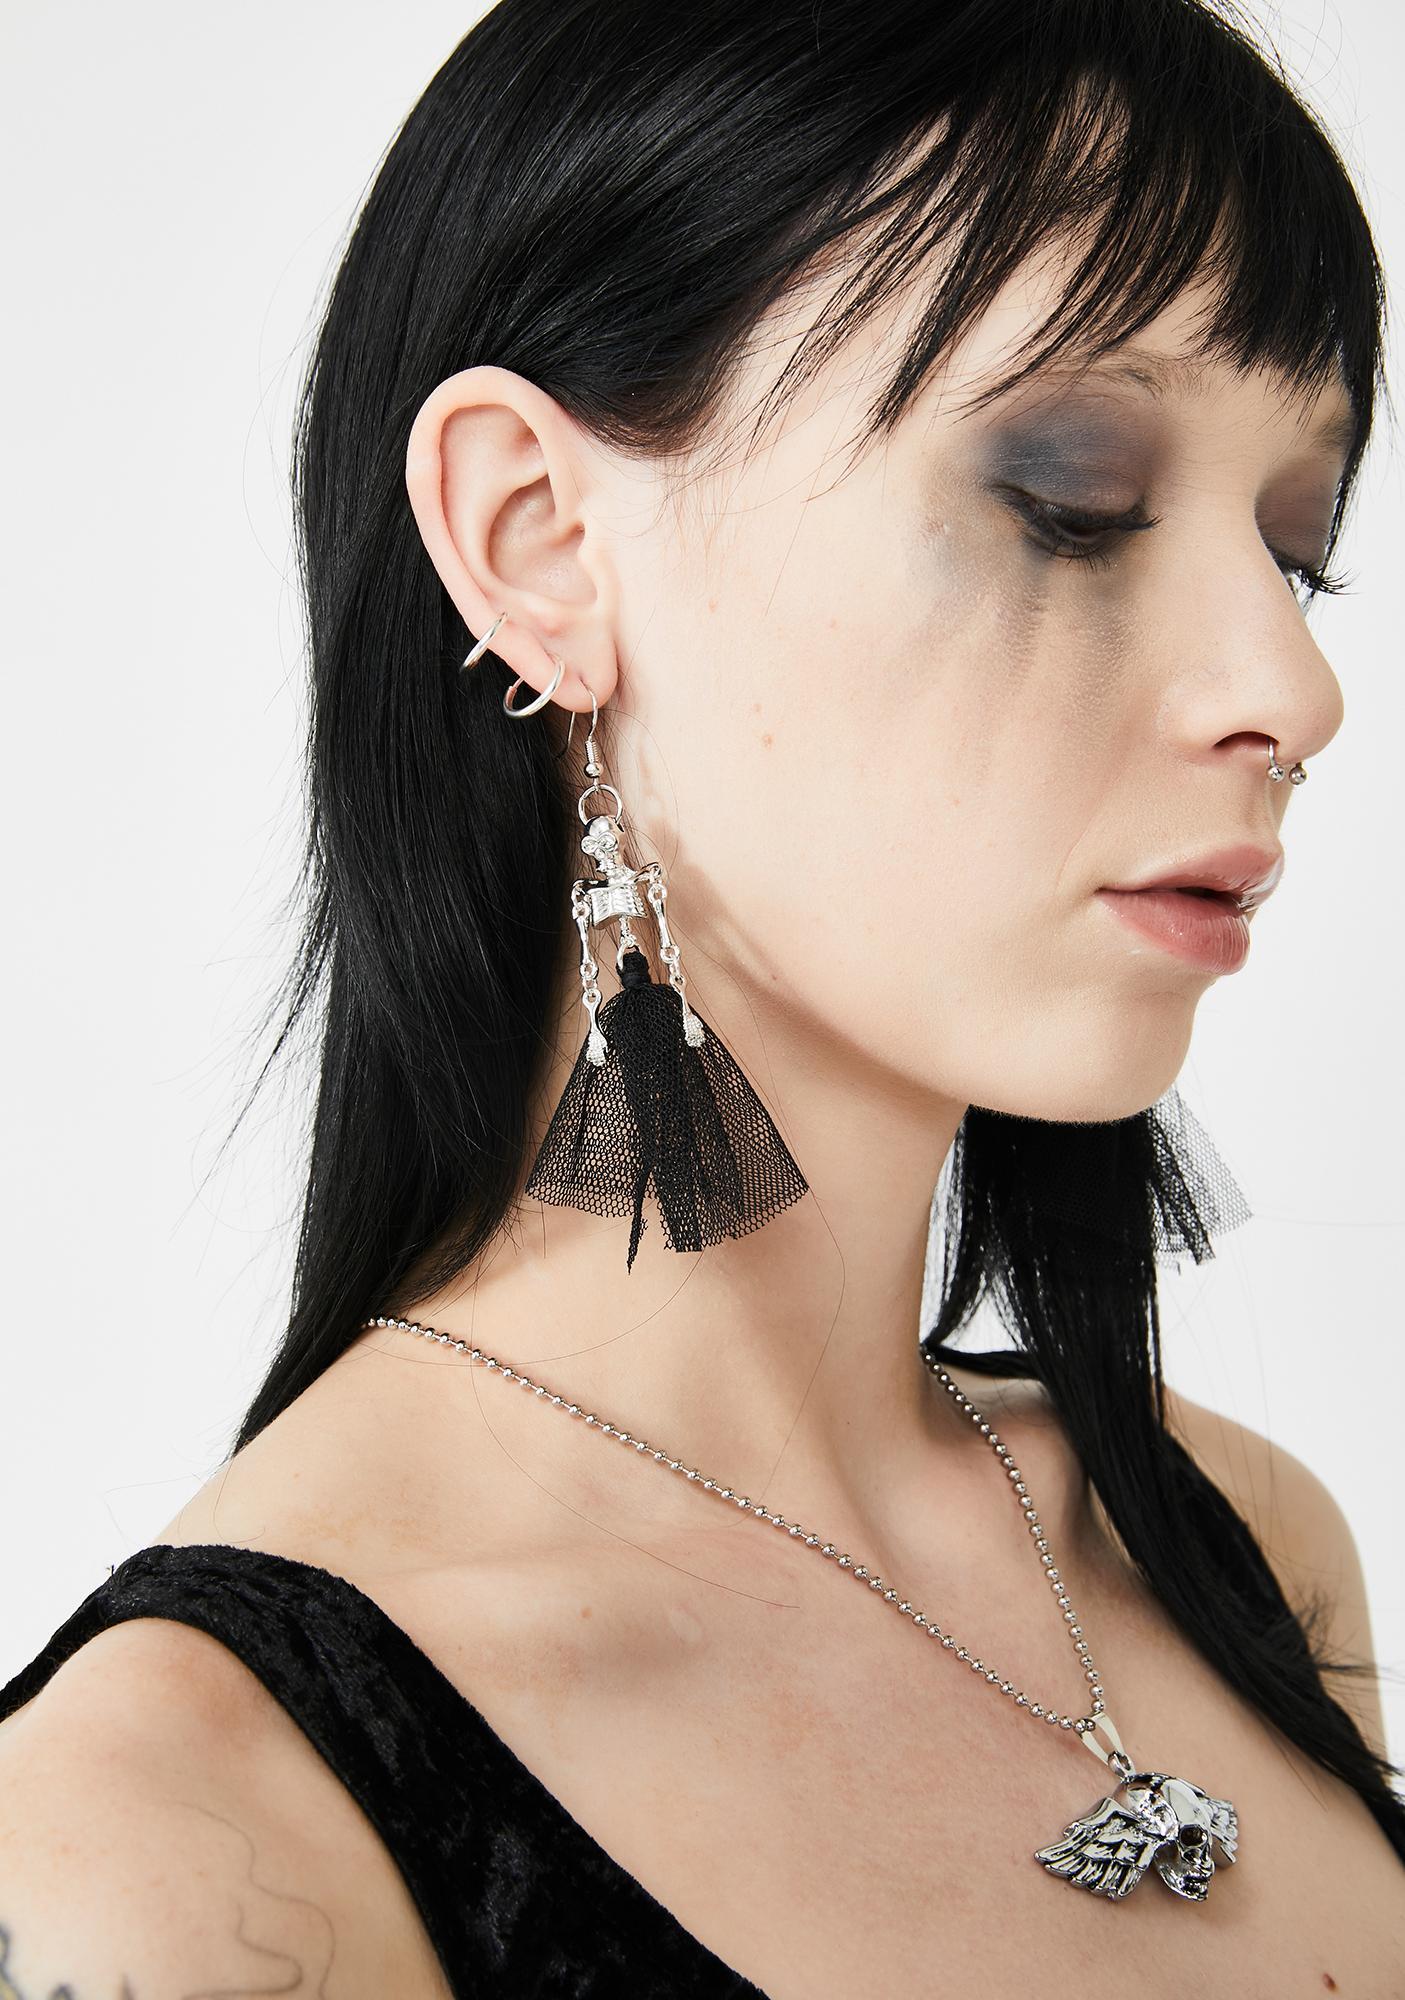 Corpse De Ballet Skeleton Earrings